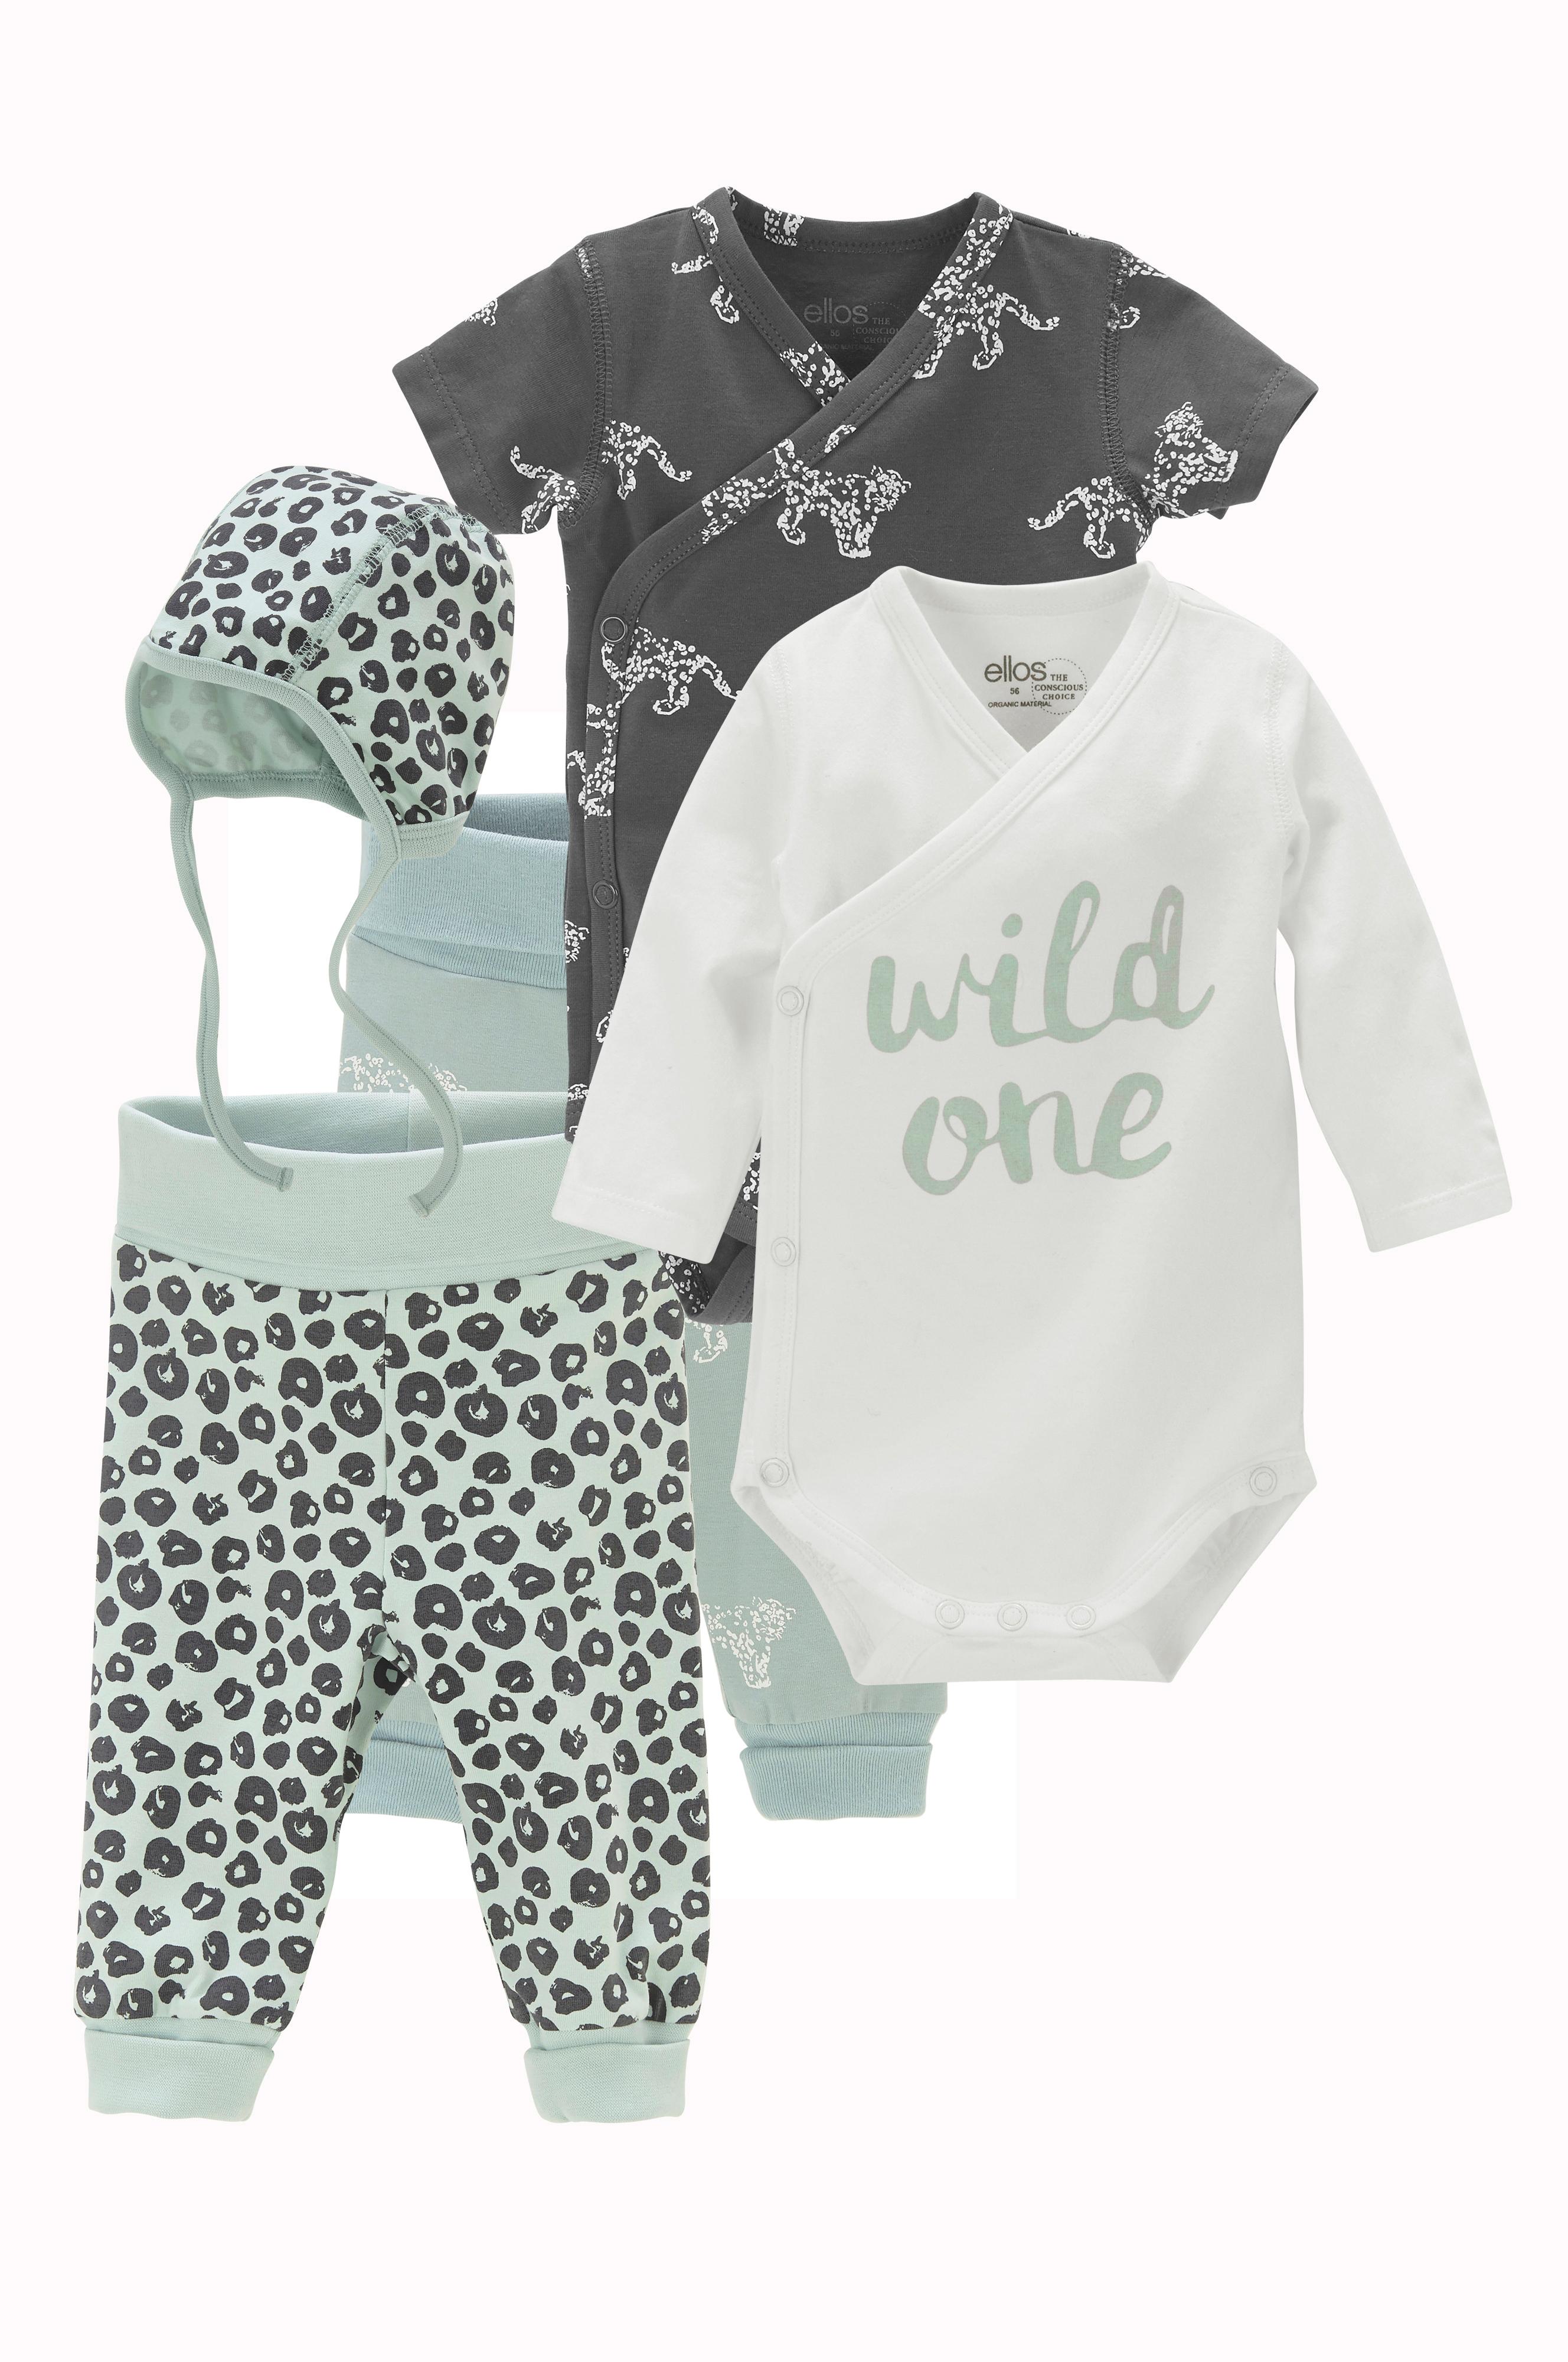 2cc16c28aa9 Ellos Kids Startpakke baby af økologisk bomuld 5 dele - Børn - Ellos.dk